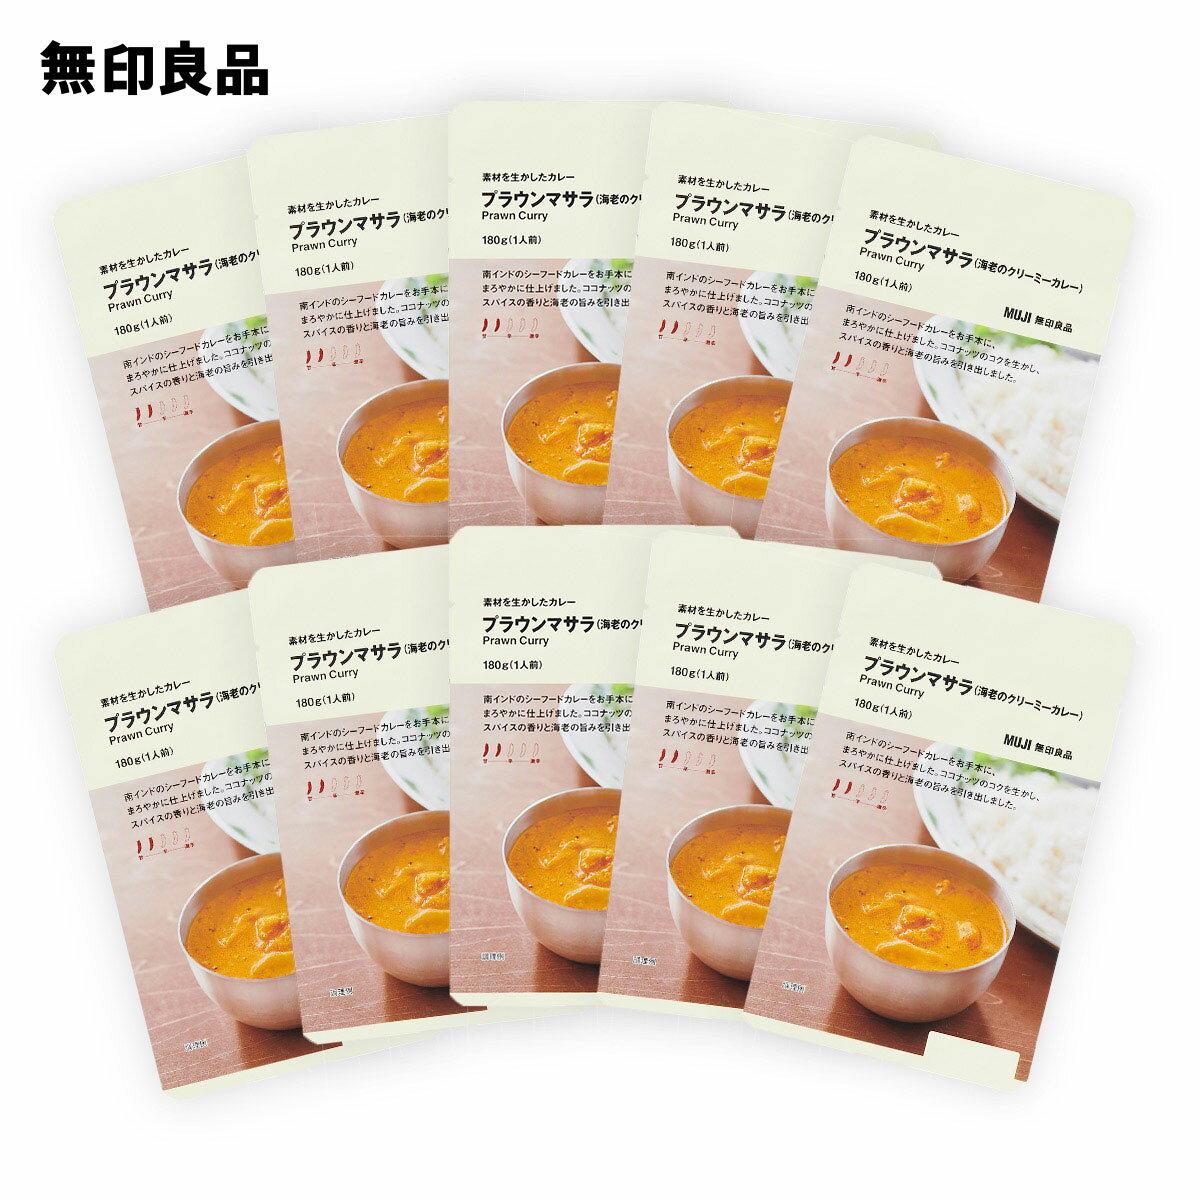 【無印良品公式】素材を生かしたカレープラウンマサラ(海老のクリーミーカレー)10個セット